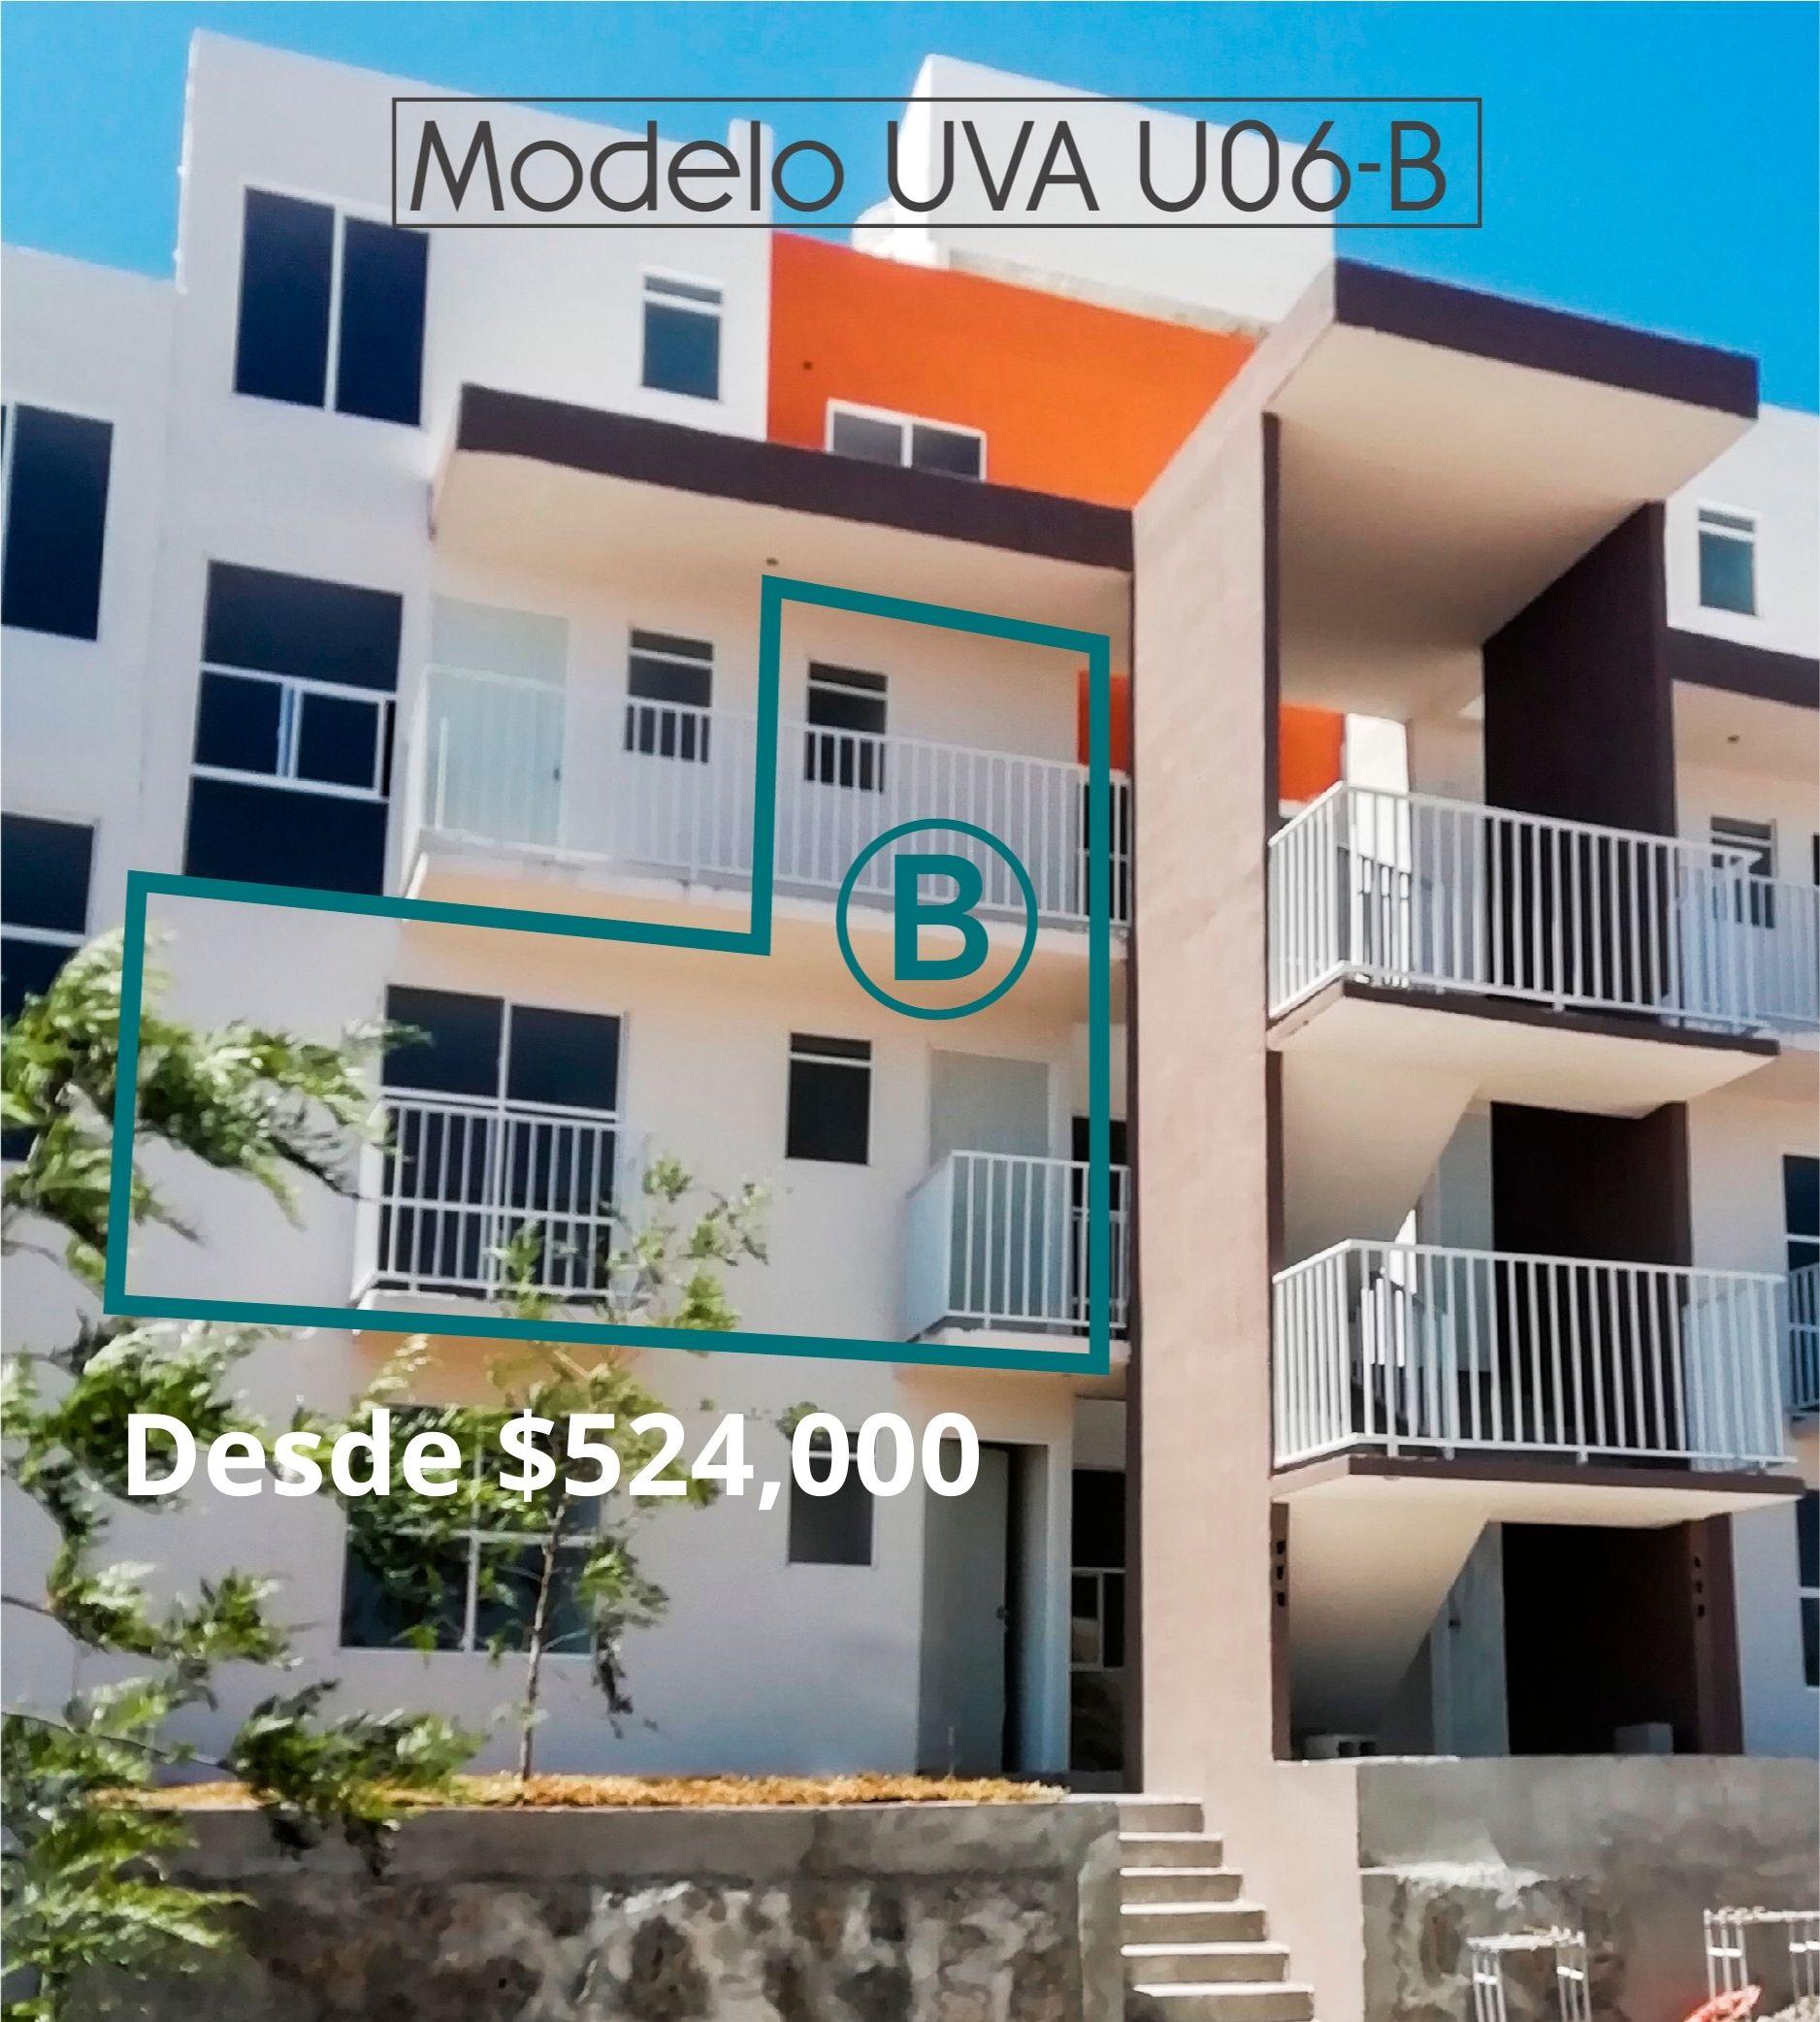 MODELO UVA U06 (2)